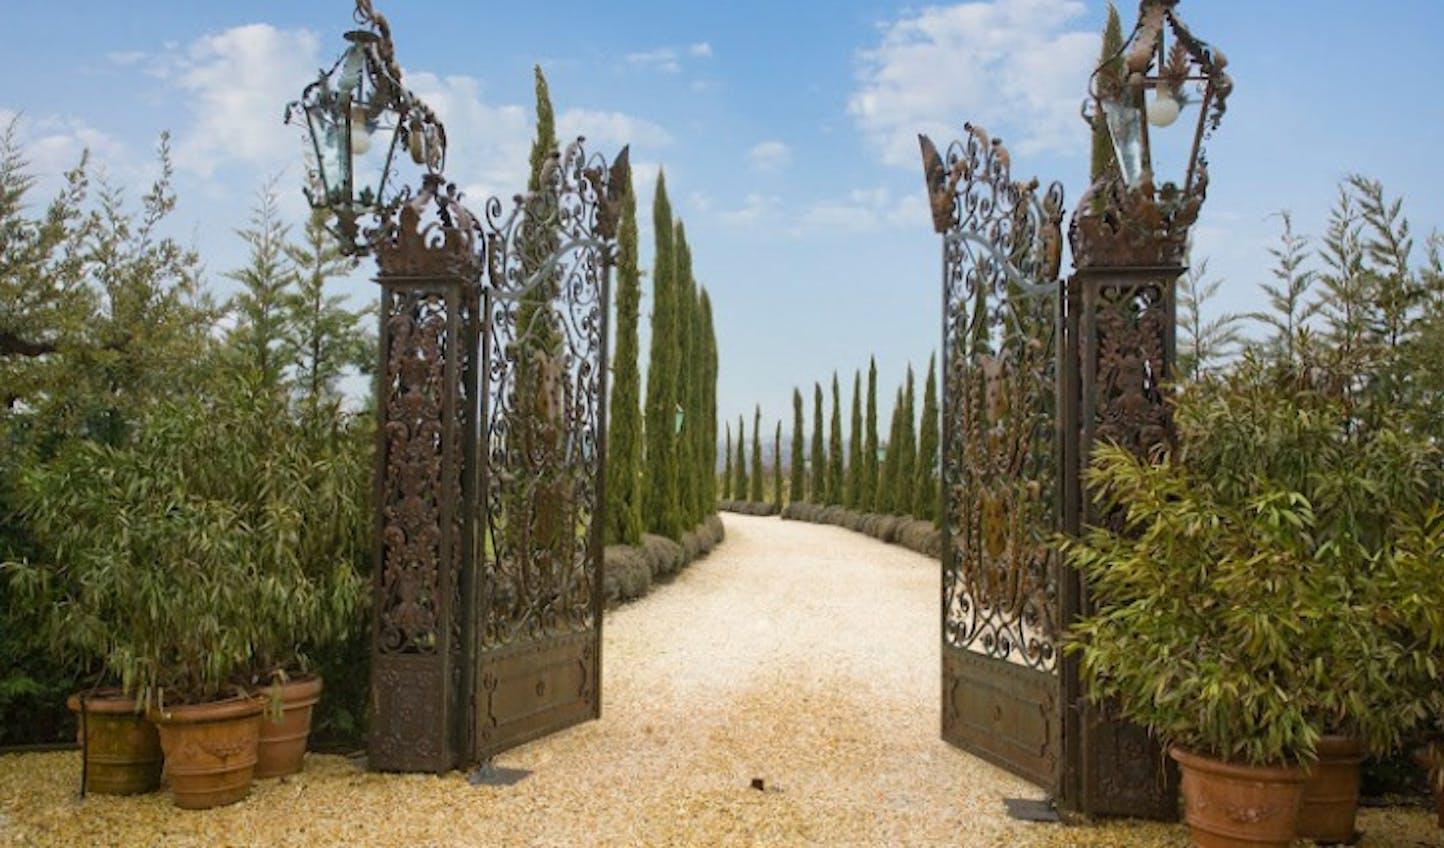 The intricate iron gateway to Borgo Santo Pietro